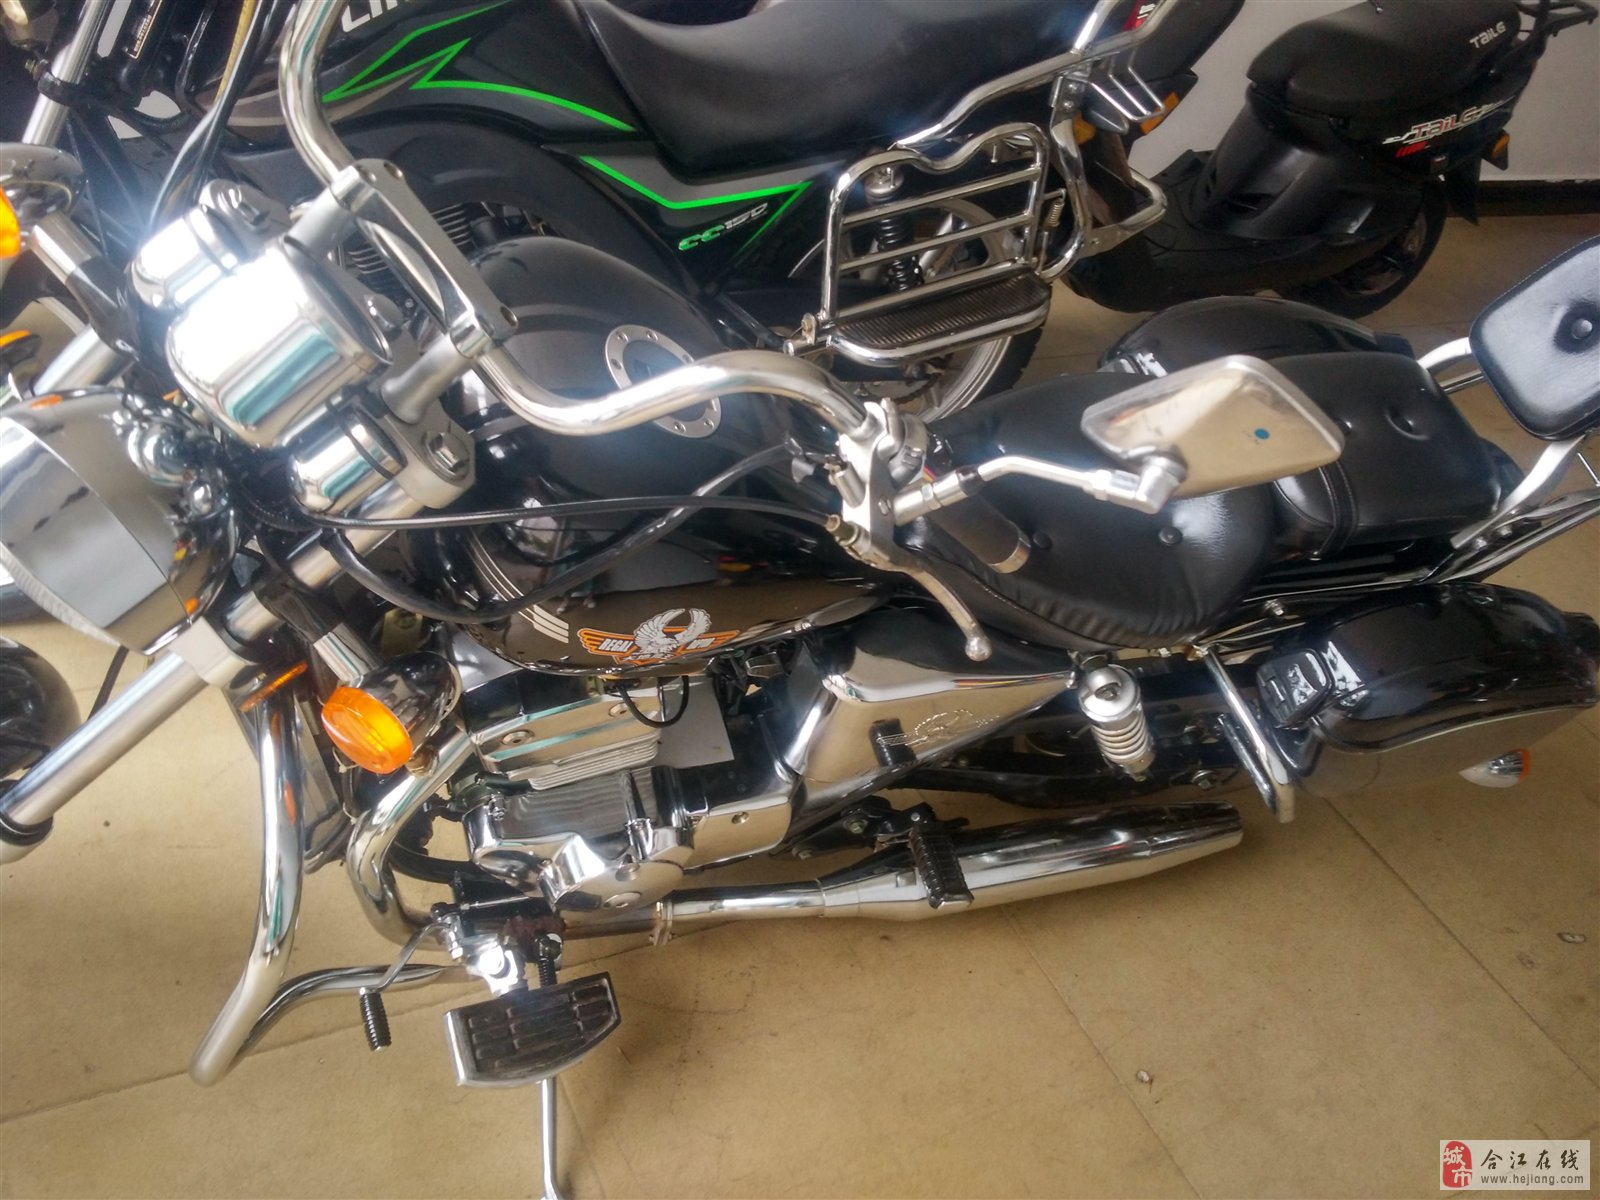 大地鹰王250摩托车